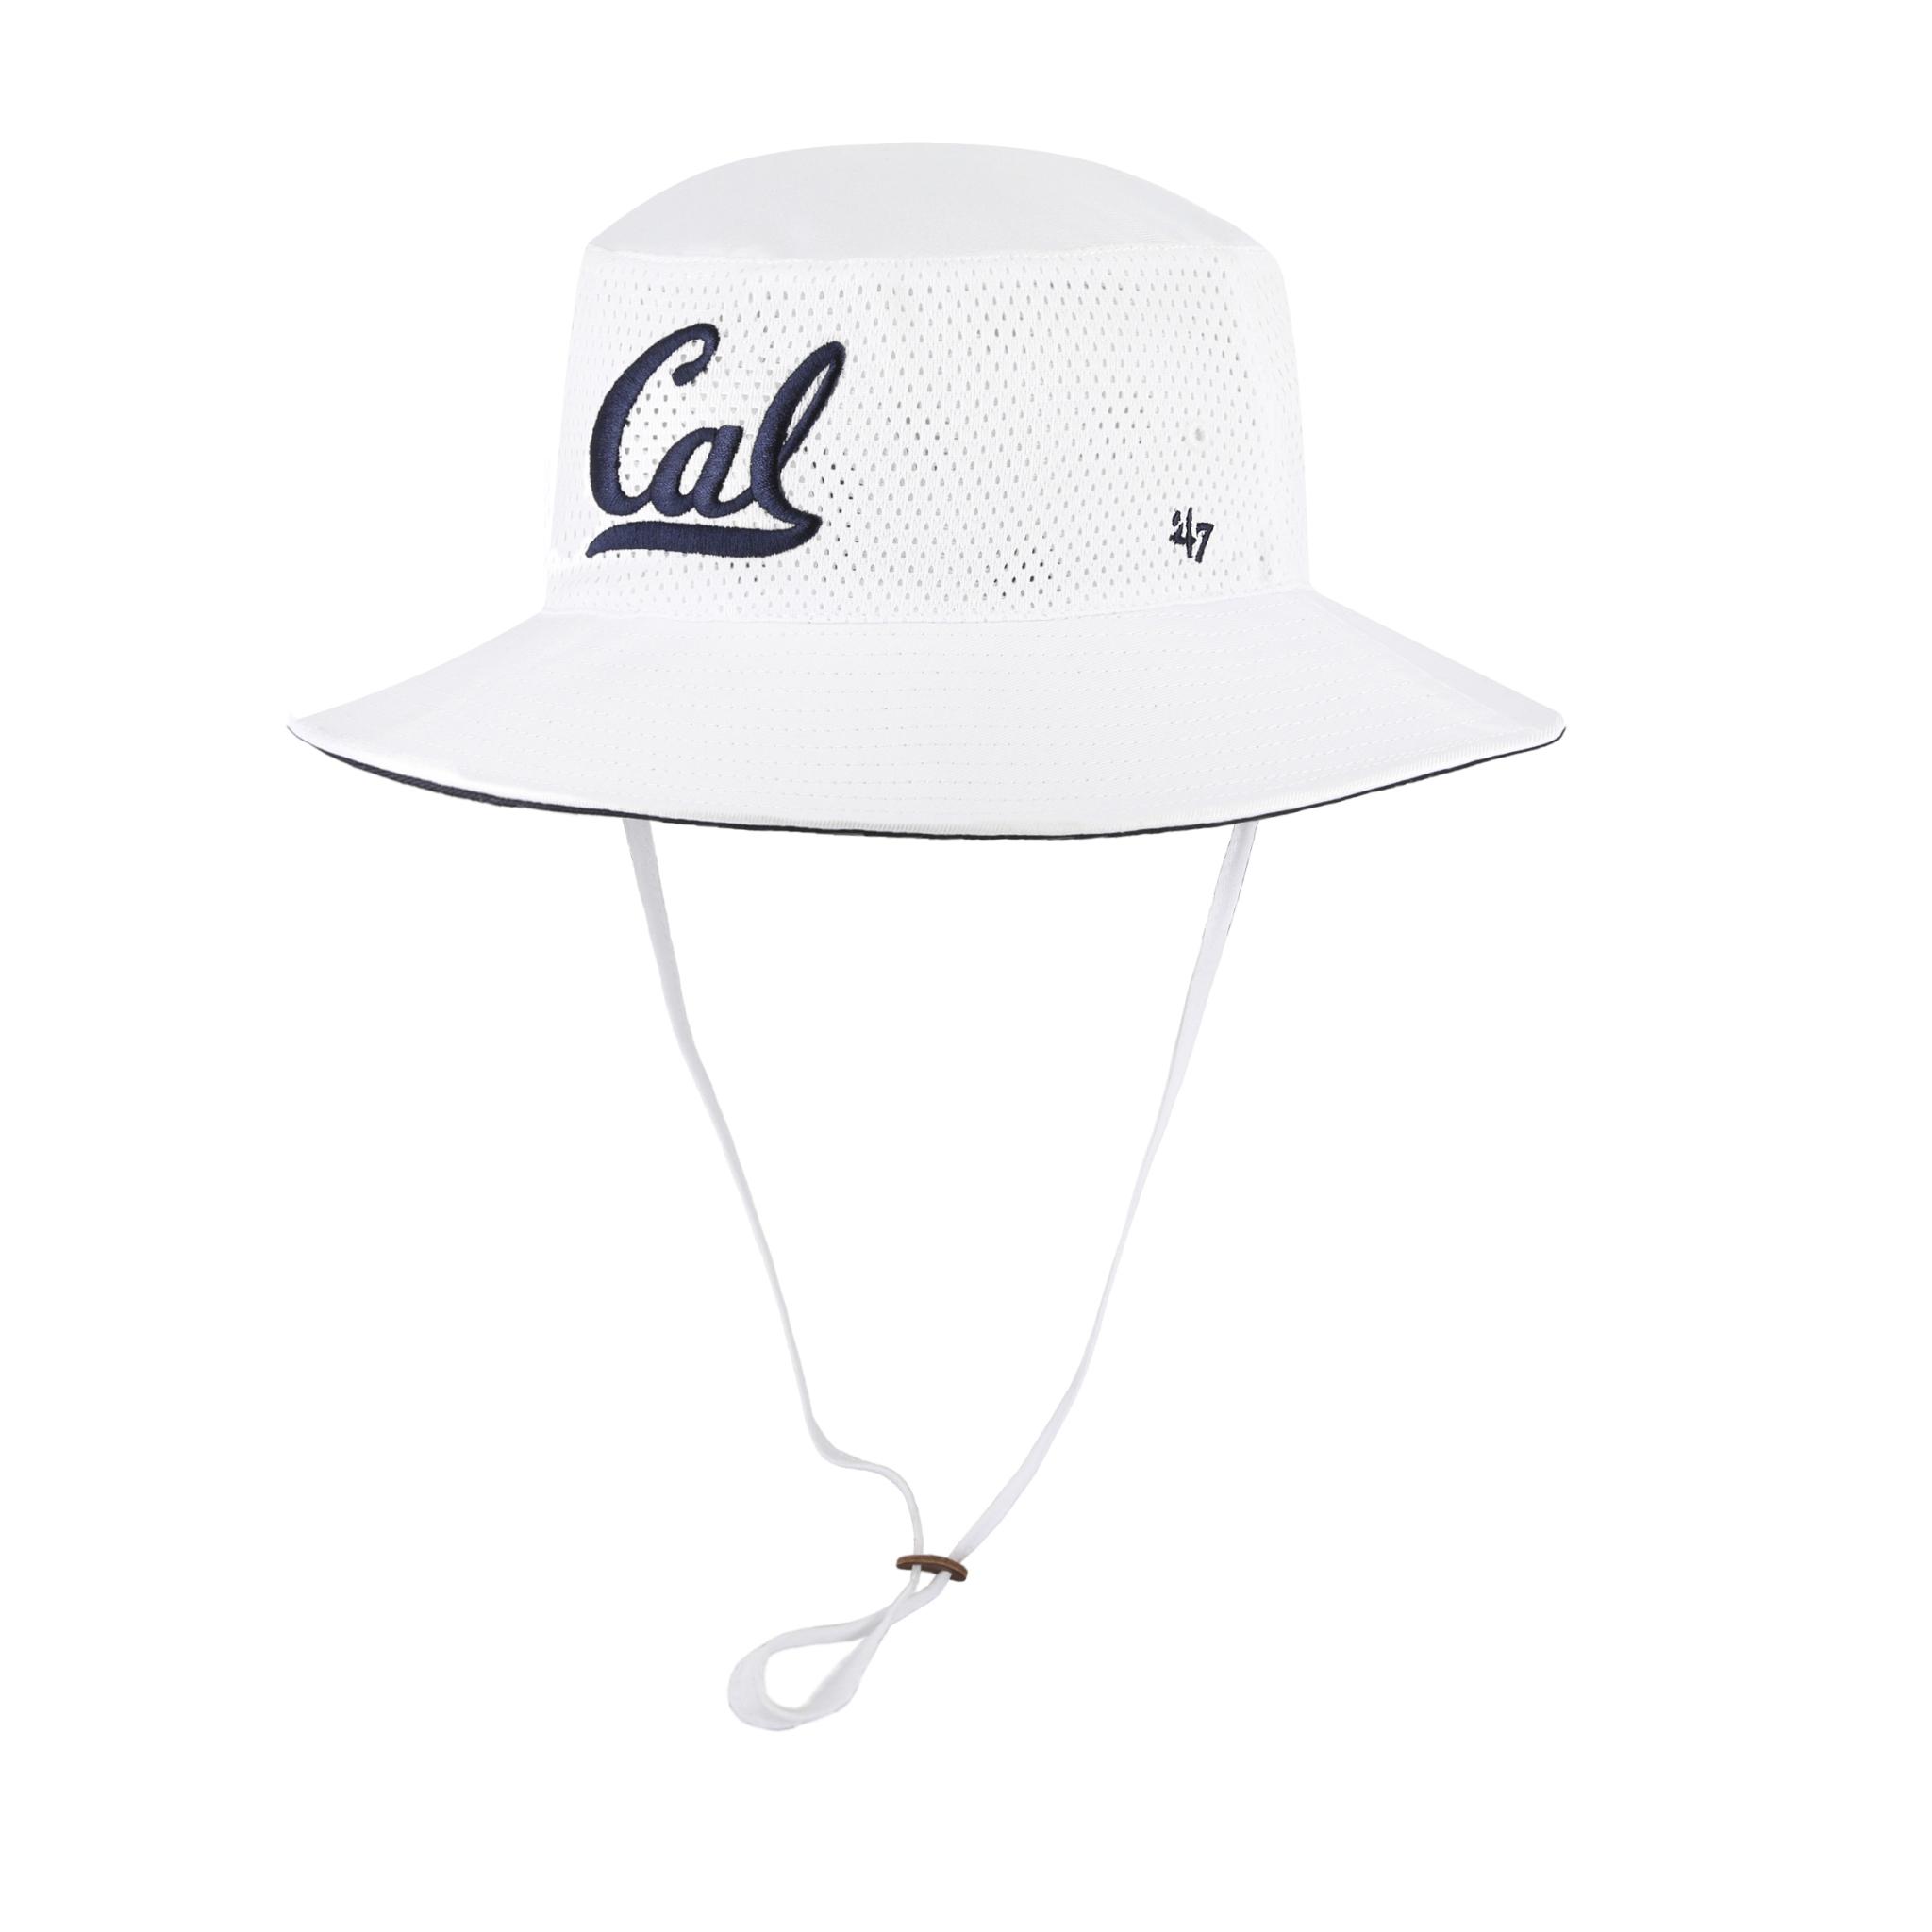 Cal Bears Panama Pail Bucket Cap